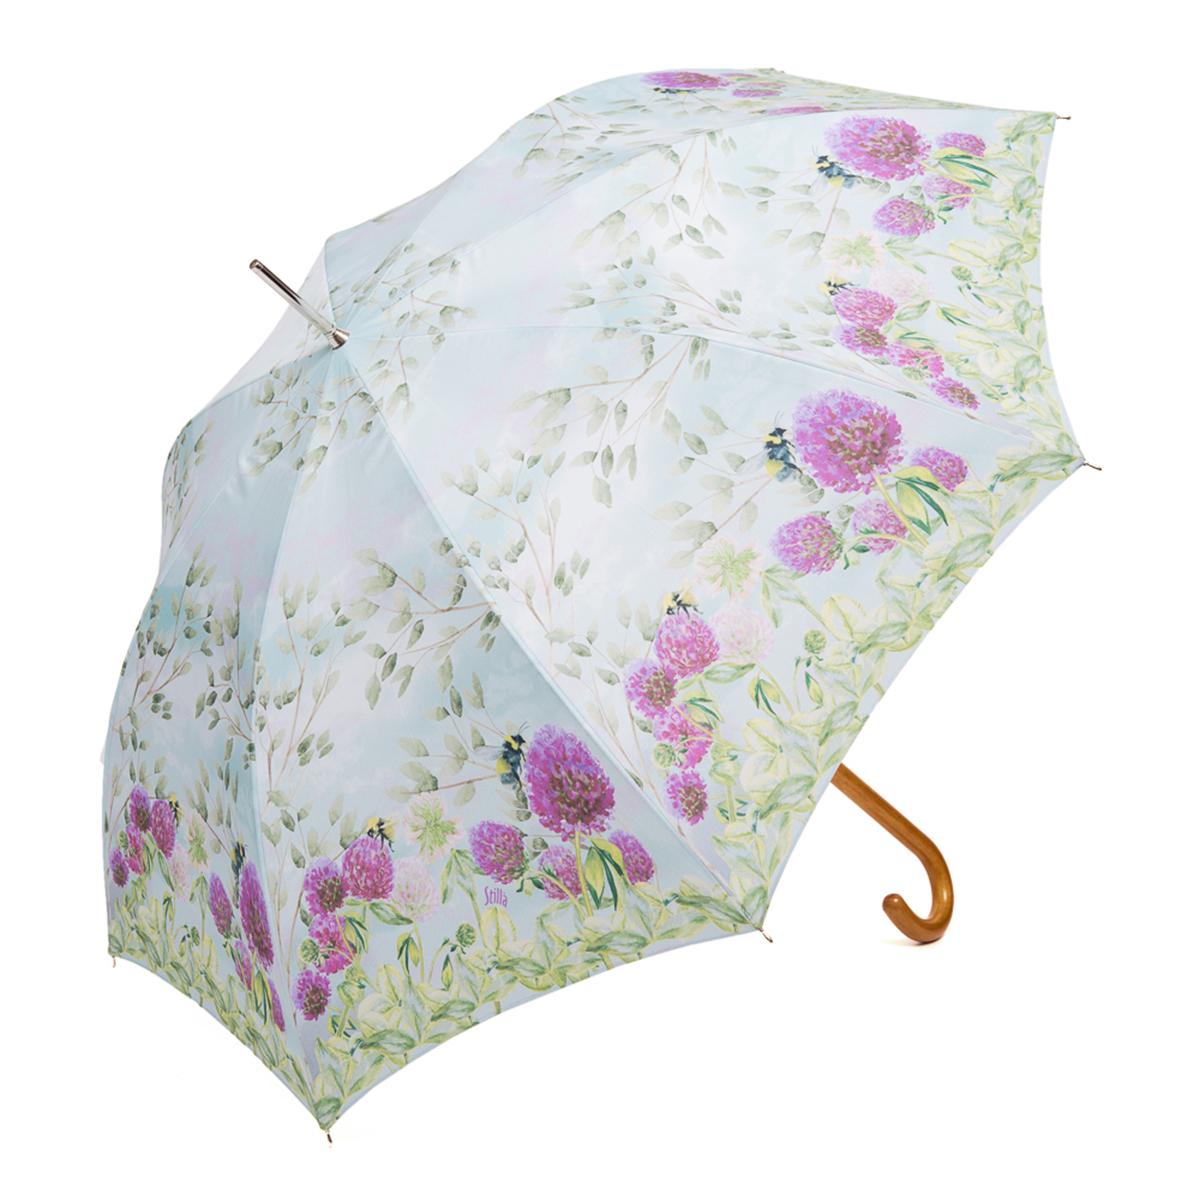 Зонт-трость женский Stilla, цвет: голубой, зеленый, пурпурный. 757/1 autoK50K502473_0010Зонт-трость Stilla надежно защитит вас от дождя. Купол, оформленный оригинальным принтом, выполнен из высококачественного ПВХ, который не пропускает воду.Каркас зонта и спицы выполнены из высококарбонистой стали. Зонт имеет автоматический тип сложения: открывается и закрывается при нажатии на кнопку. Удобная ручка выполнена из пластика.